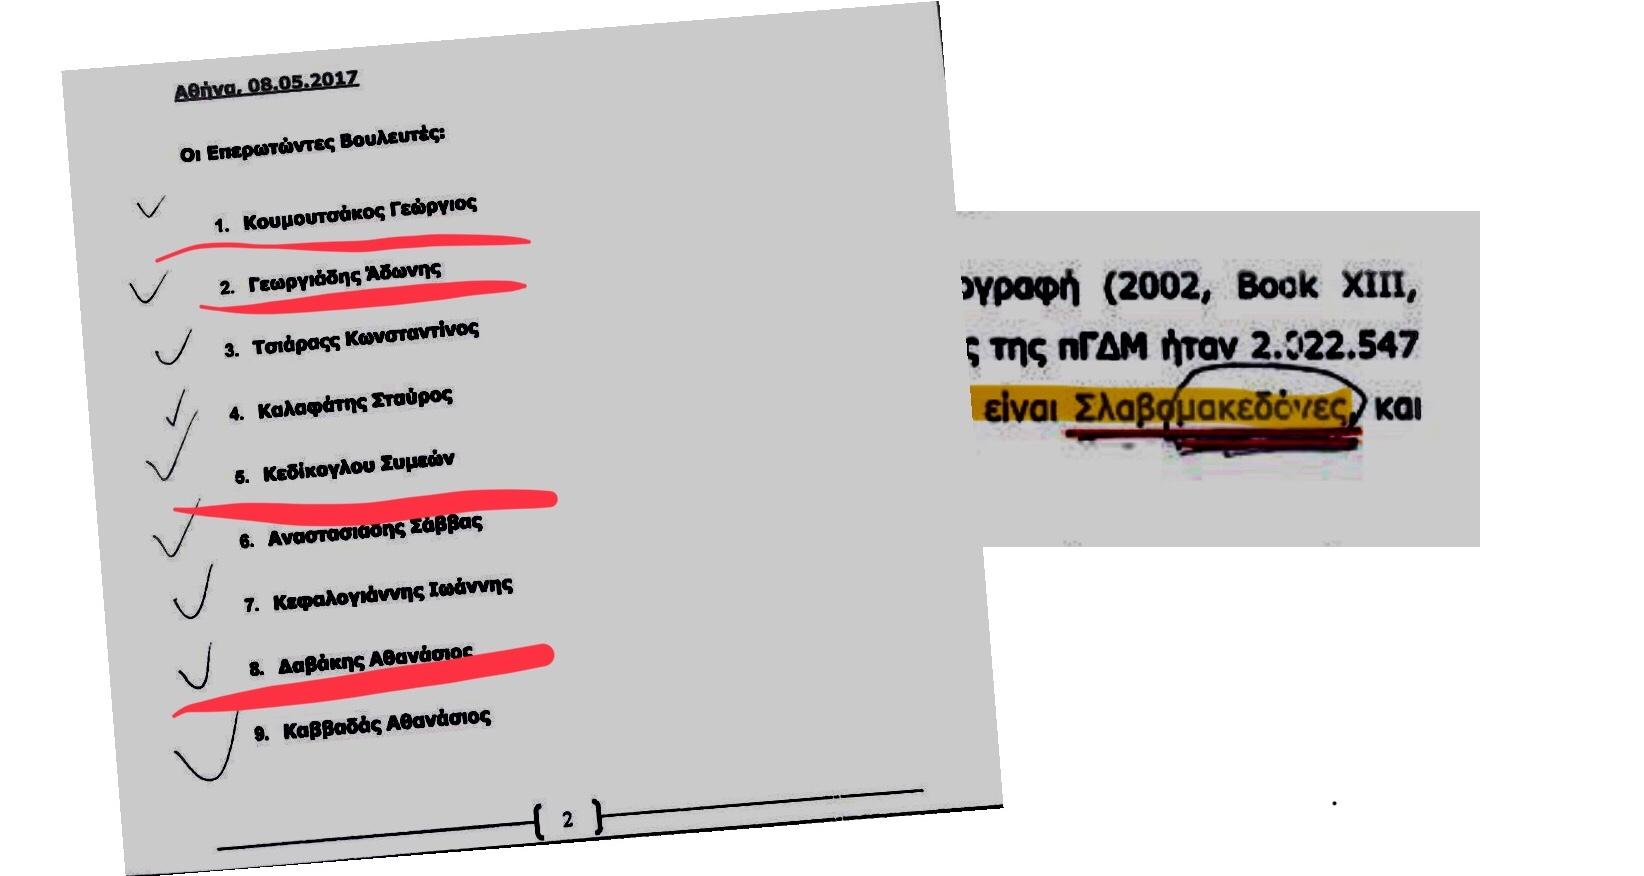 ΑΠΟΚΑΛΥΨΗ-Ολοι οι βουλευτές της ΝΔ έχουν αποδεχθεί το όνομα Μακεδονία για τα Σκοπιά – Γεωργιαδης, Κουμουτσάκος, Βαρβιτσιωτης, Κεδικογλου, Σαμαρας, Μητσοτακης [ΥΠΟΓΡΑΦΕΣ & ΒΙΝΤΕΟ ΝΤΟΚΟΥΜΕΝΤΑ]